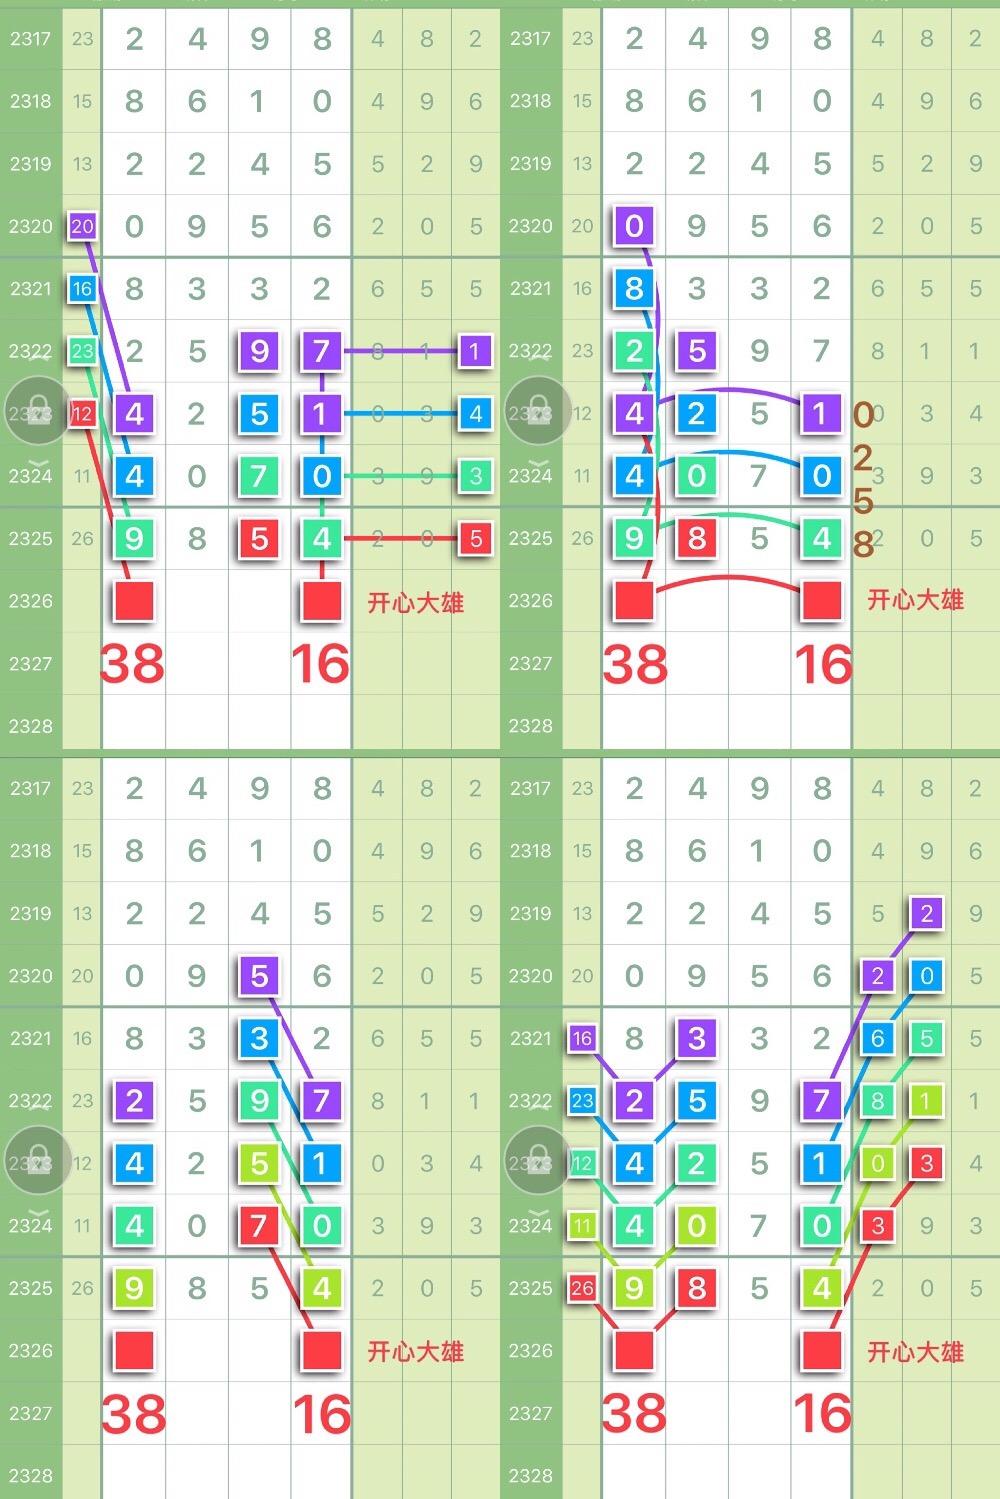 59218403-F1D5-43A0-8EA7-34A4CBD37C24.jpeg